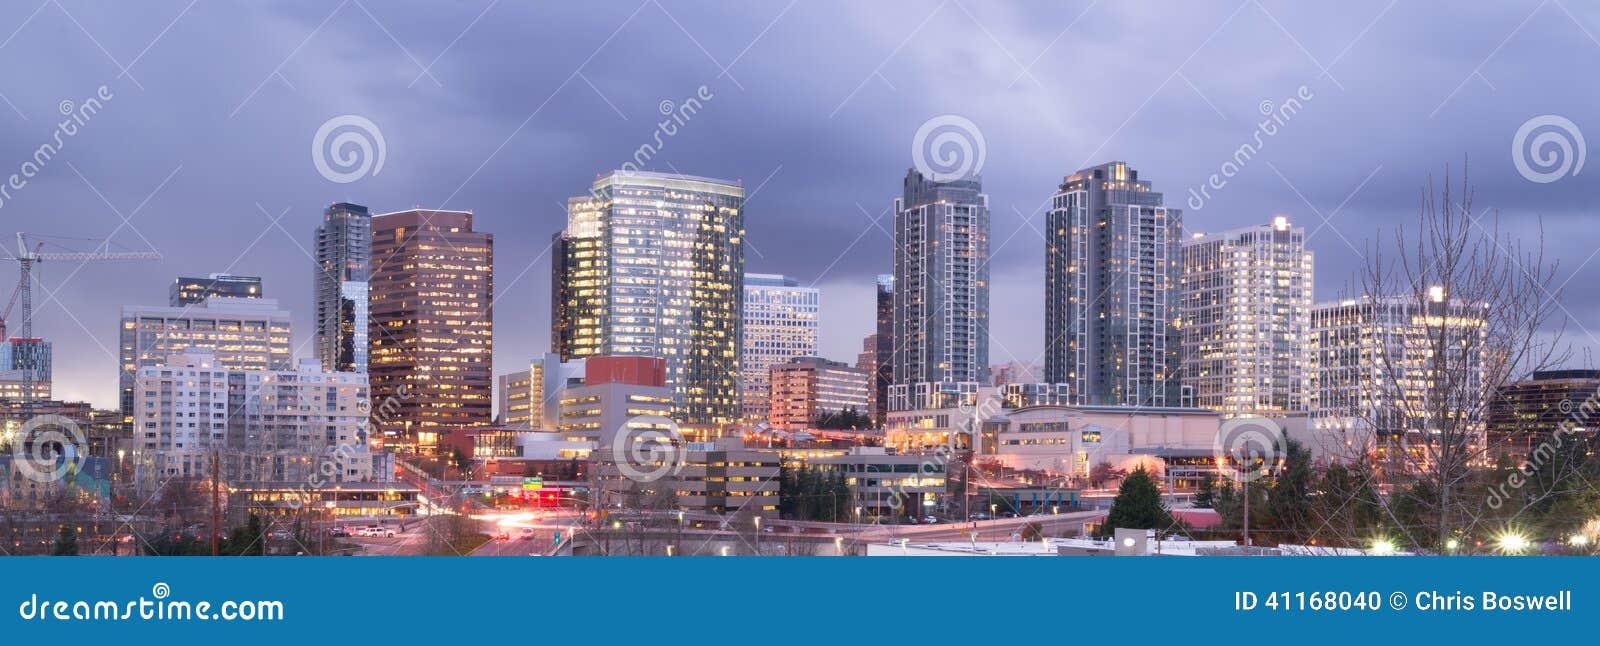 Jaskrawej światła miasta linii horyzontu Bellevue Waszyngton W centrum usa